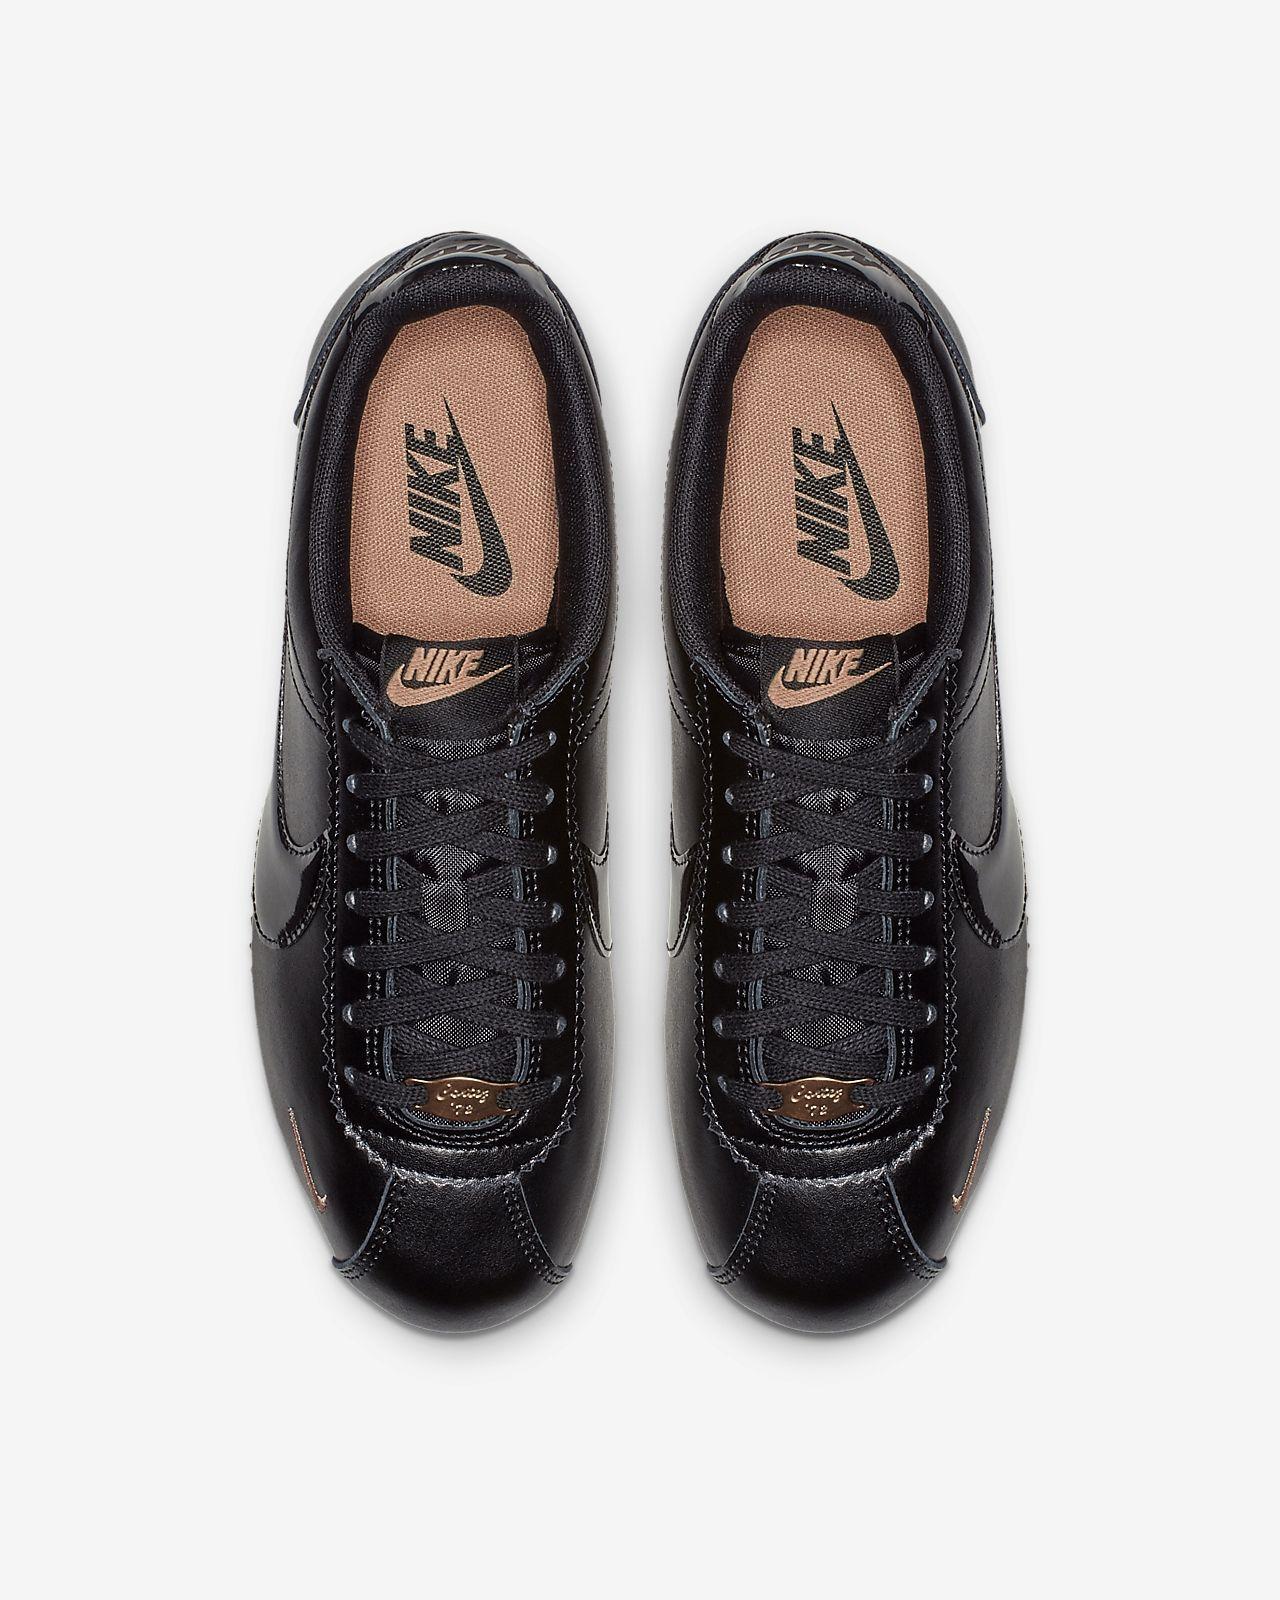 finest selection cc01a 4af32 ... Nike Classic Cortez Premium Women s Shoe